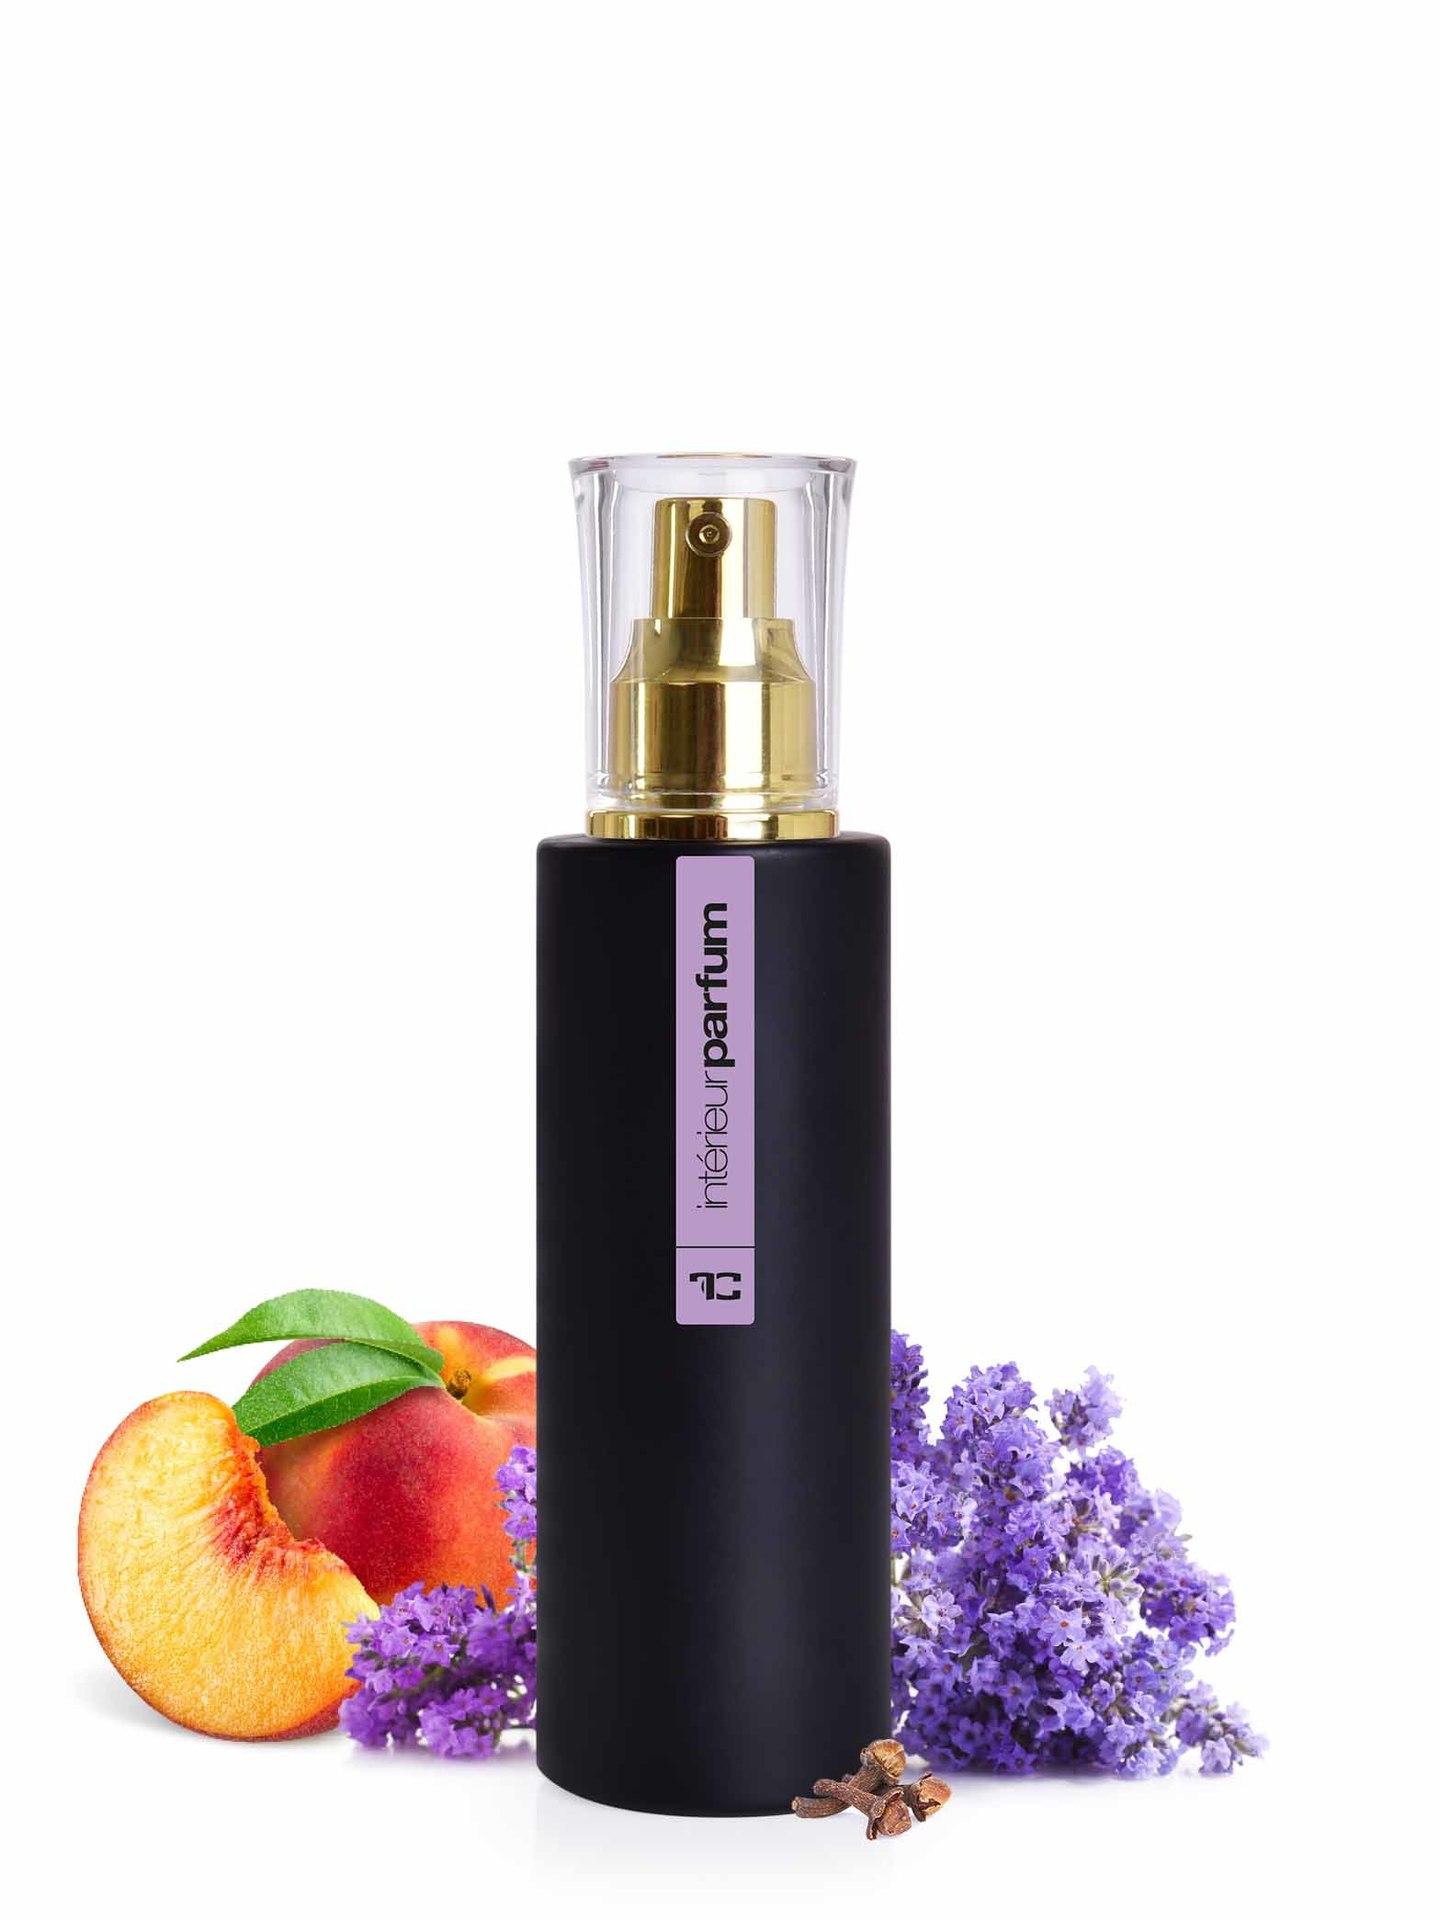 Bytový parfém, RELAXATION, typu EDP, superkoncentrát bez vody